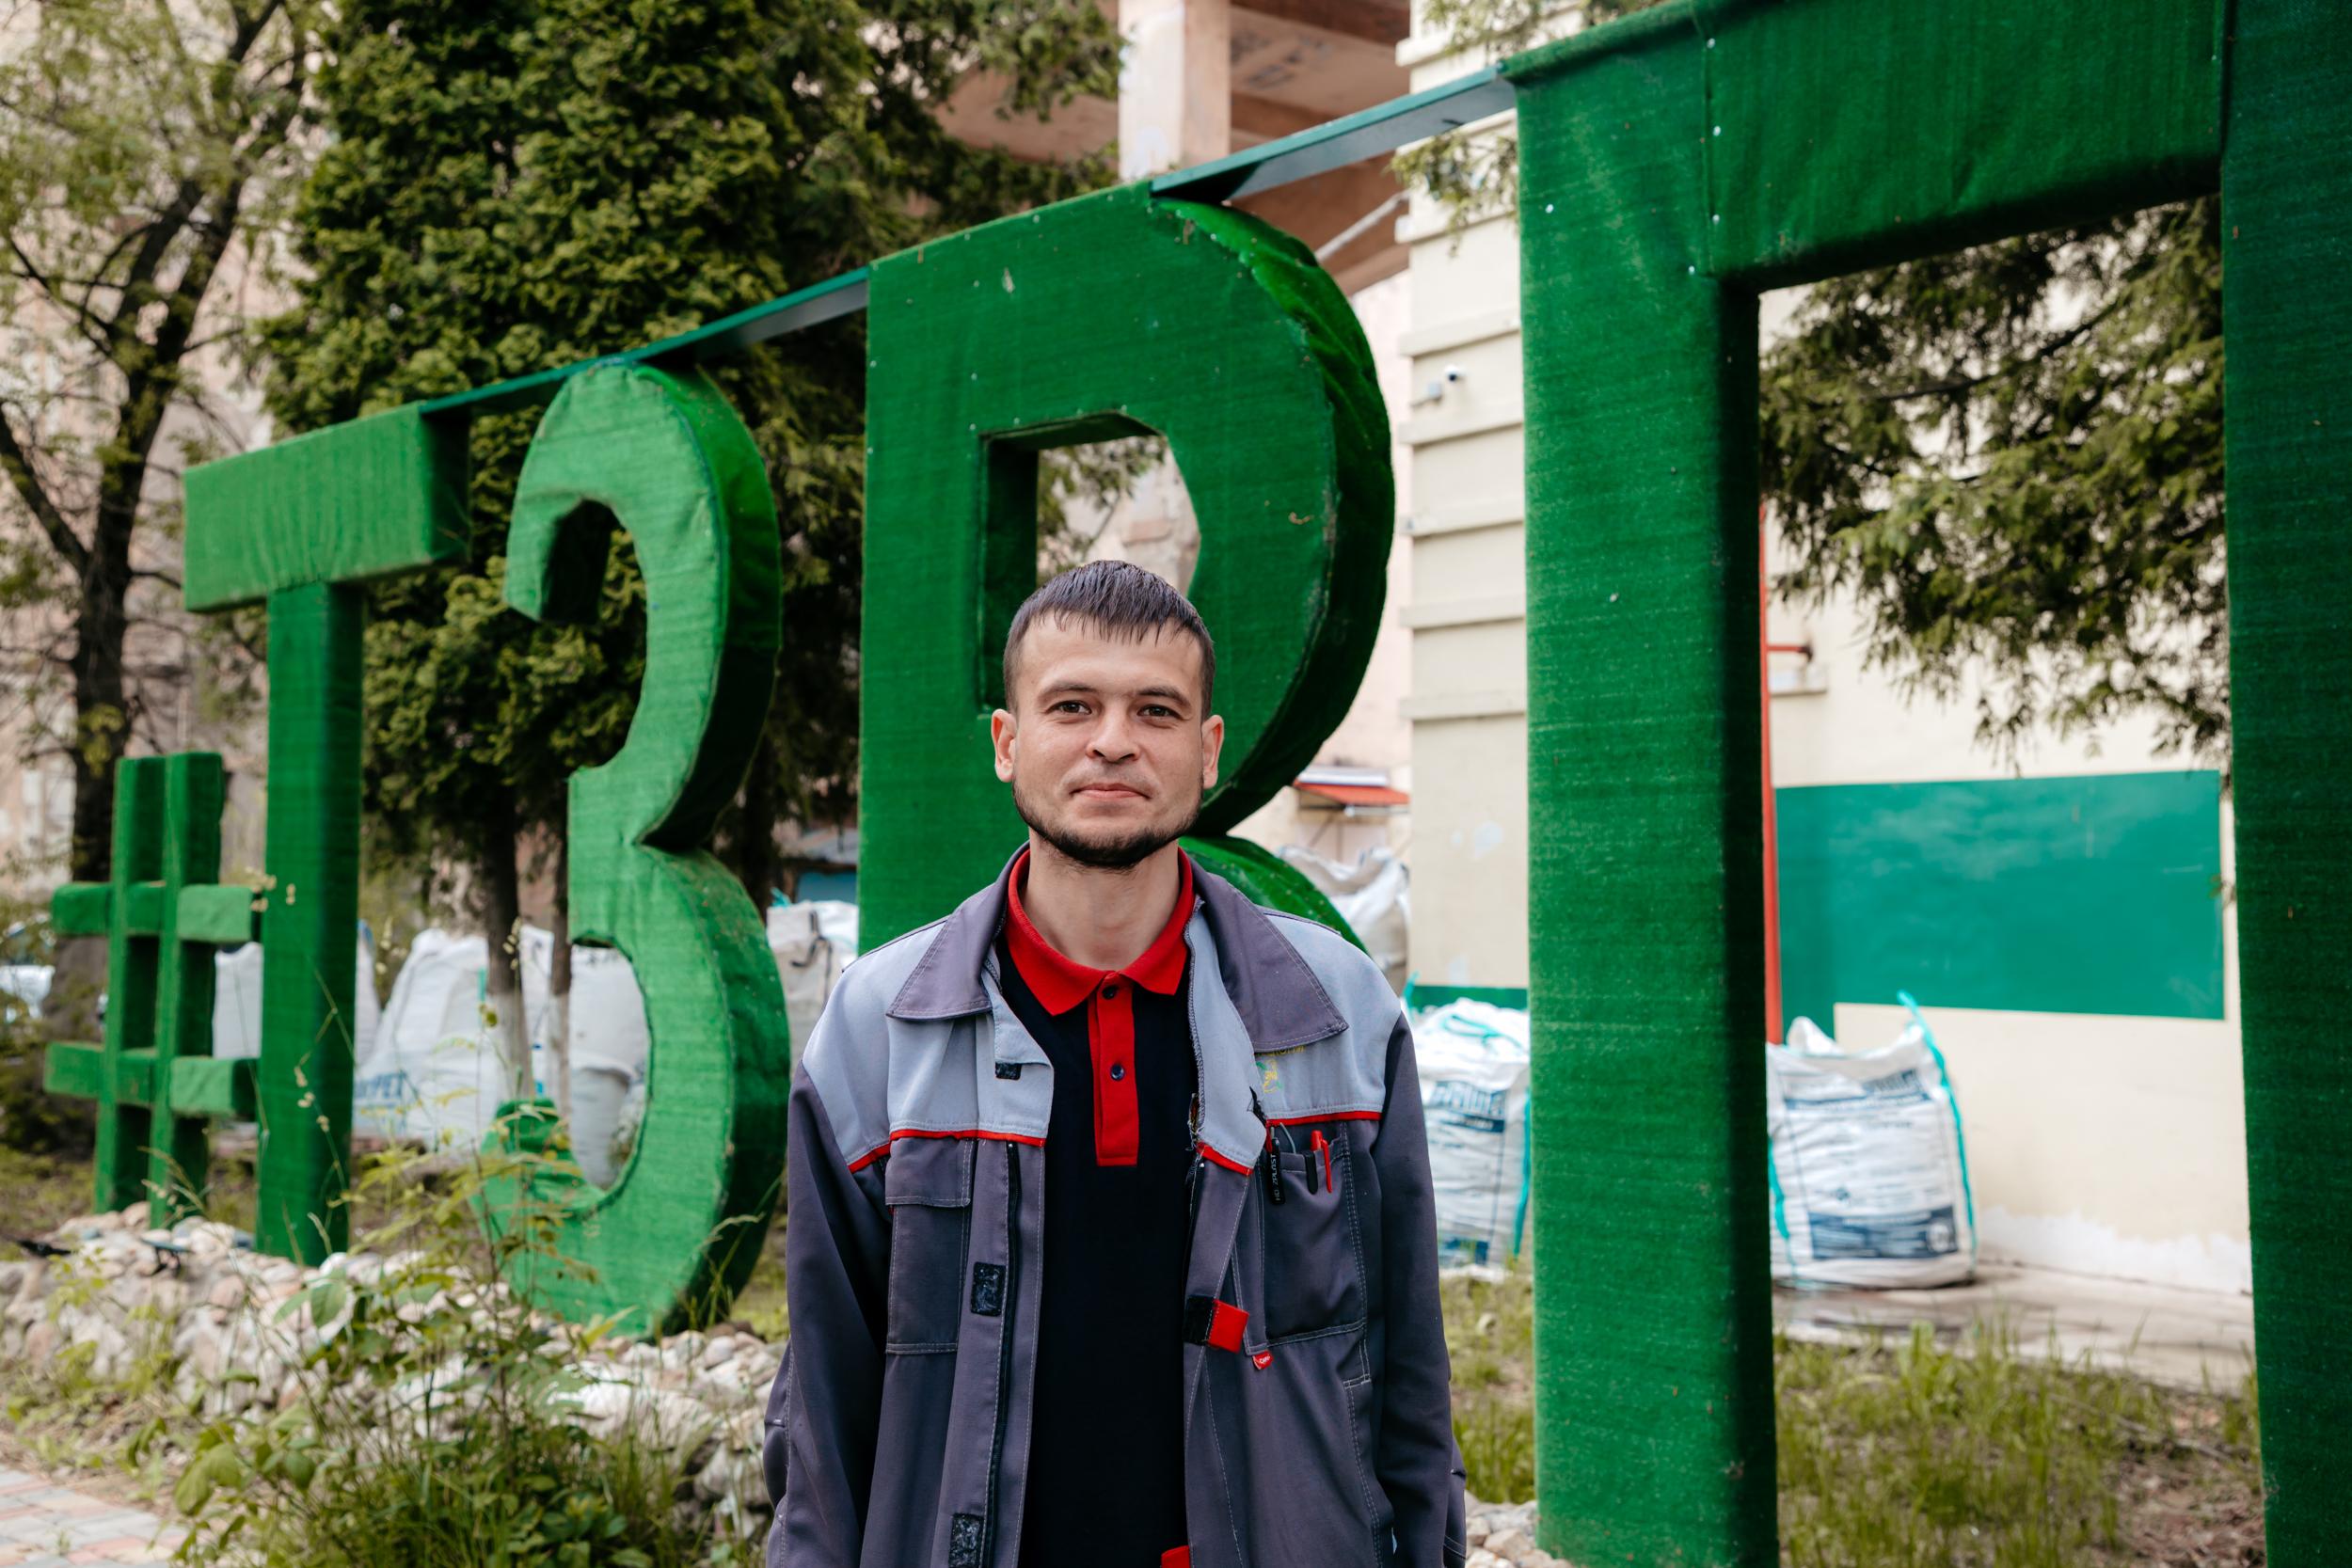 Вторая жизнь пластиковой бутылки, или Новая профессия мастера Чугунова